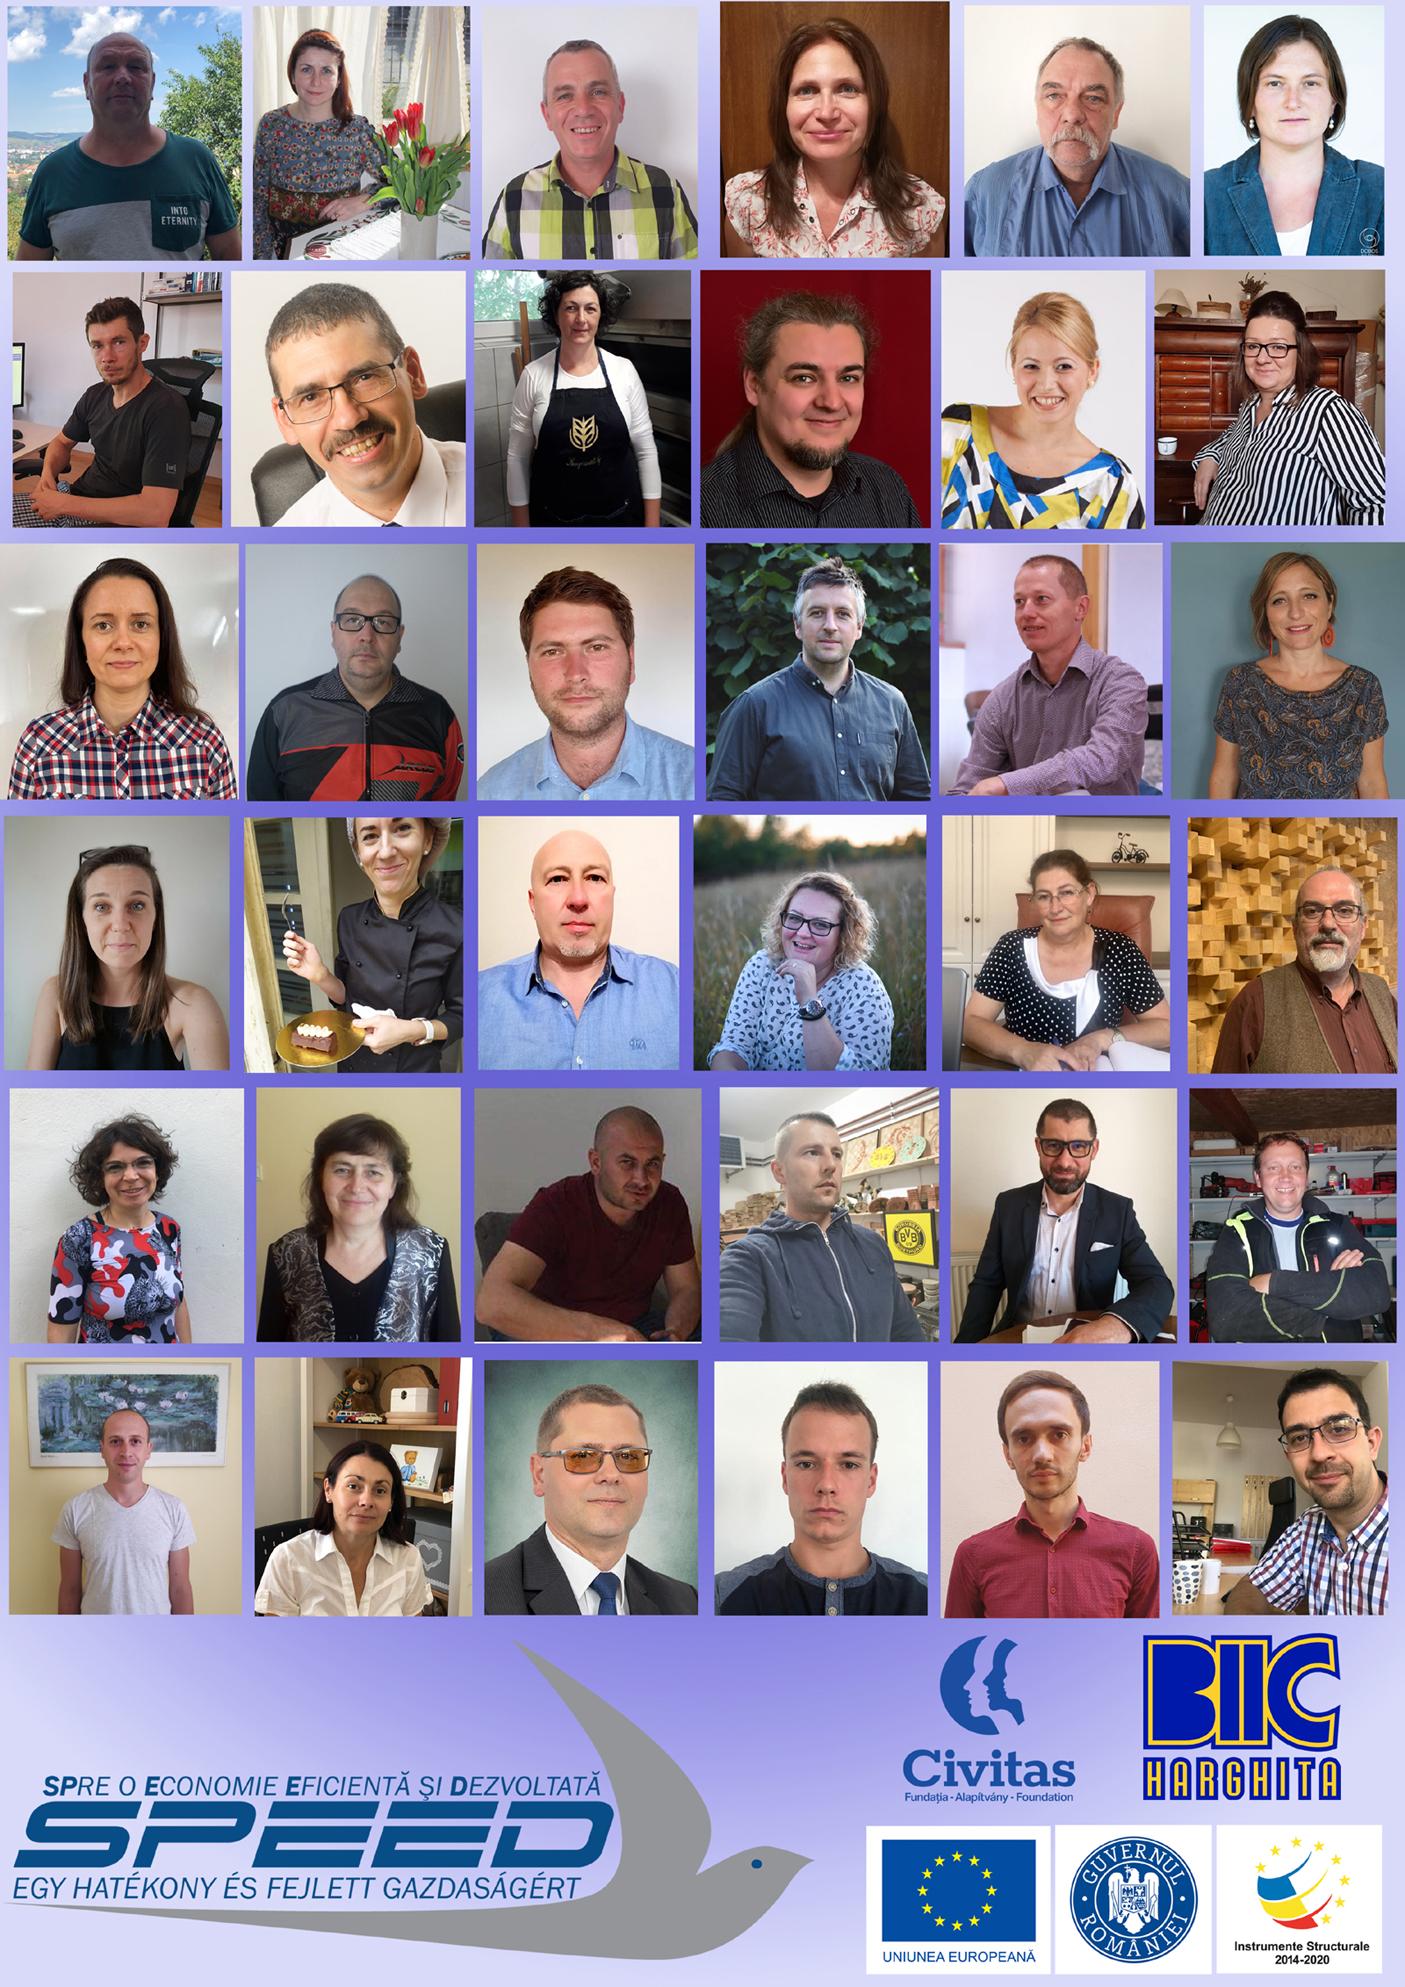 Succes de 100%  înregistrat de către cele 36 de întreprinderi înființate în cadrul proiectului SPEED Start Up Plus!